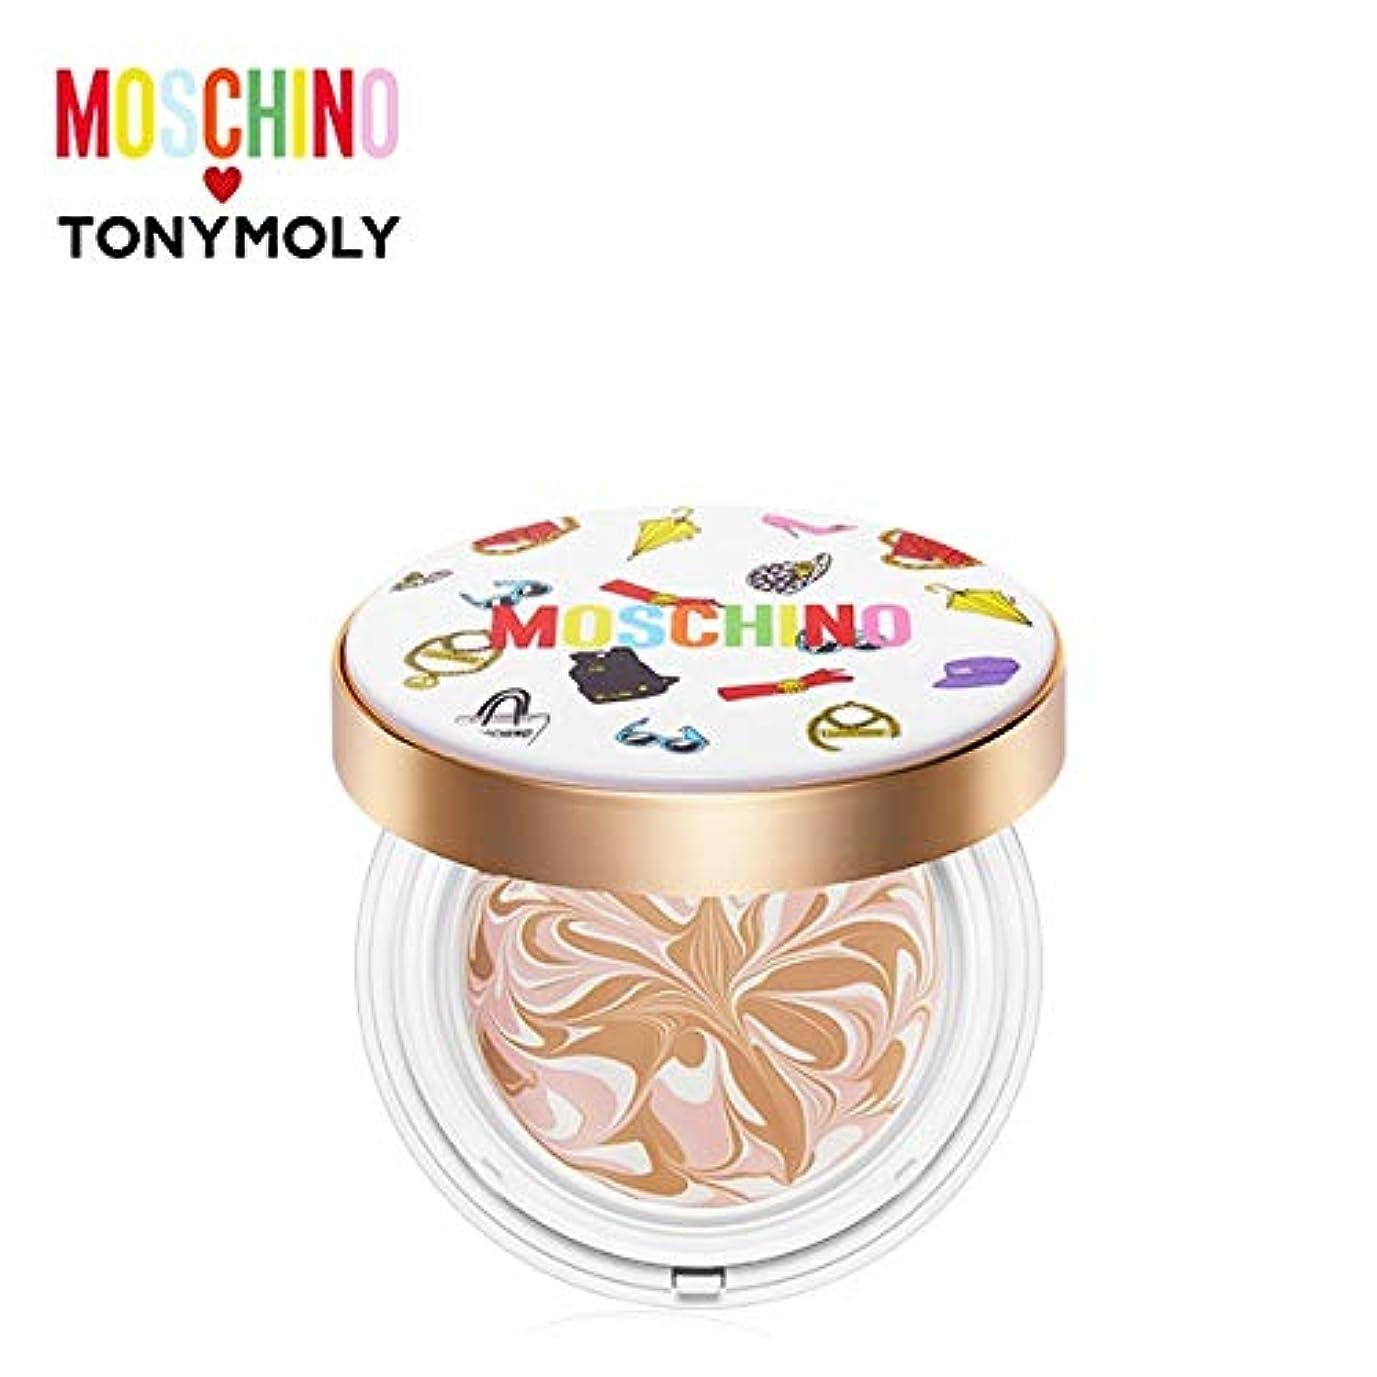 ターミナルバクテリア株式会社トニーモリー [モスキーノ] シック スキン エッセンス パクト 18g TONYMOLY [MOSCHINO] Chic Skin Essence Pact #01 CHIC VANILLA [並行輸入品]